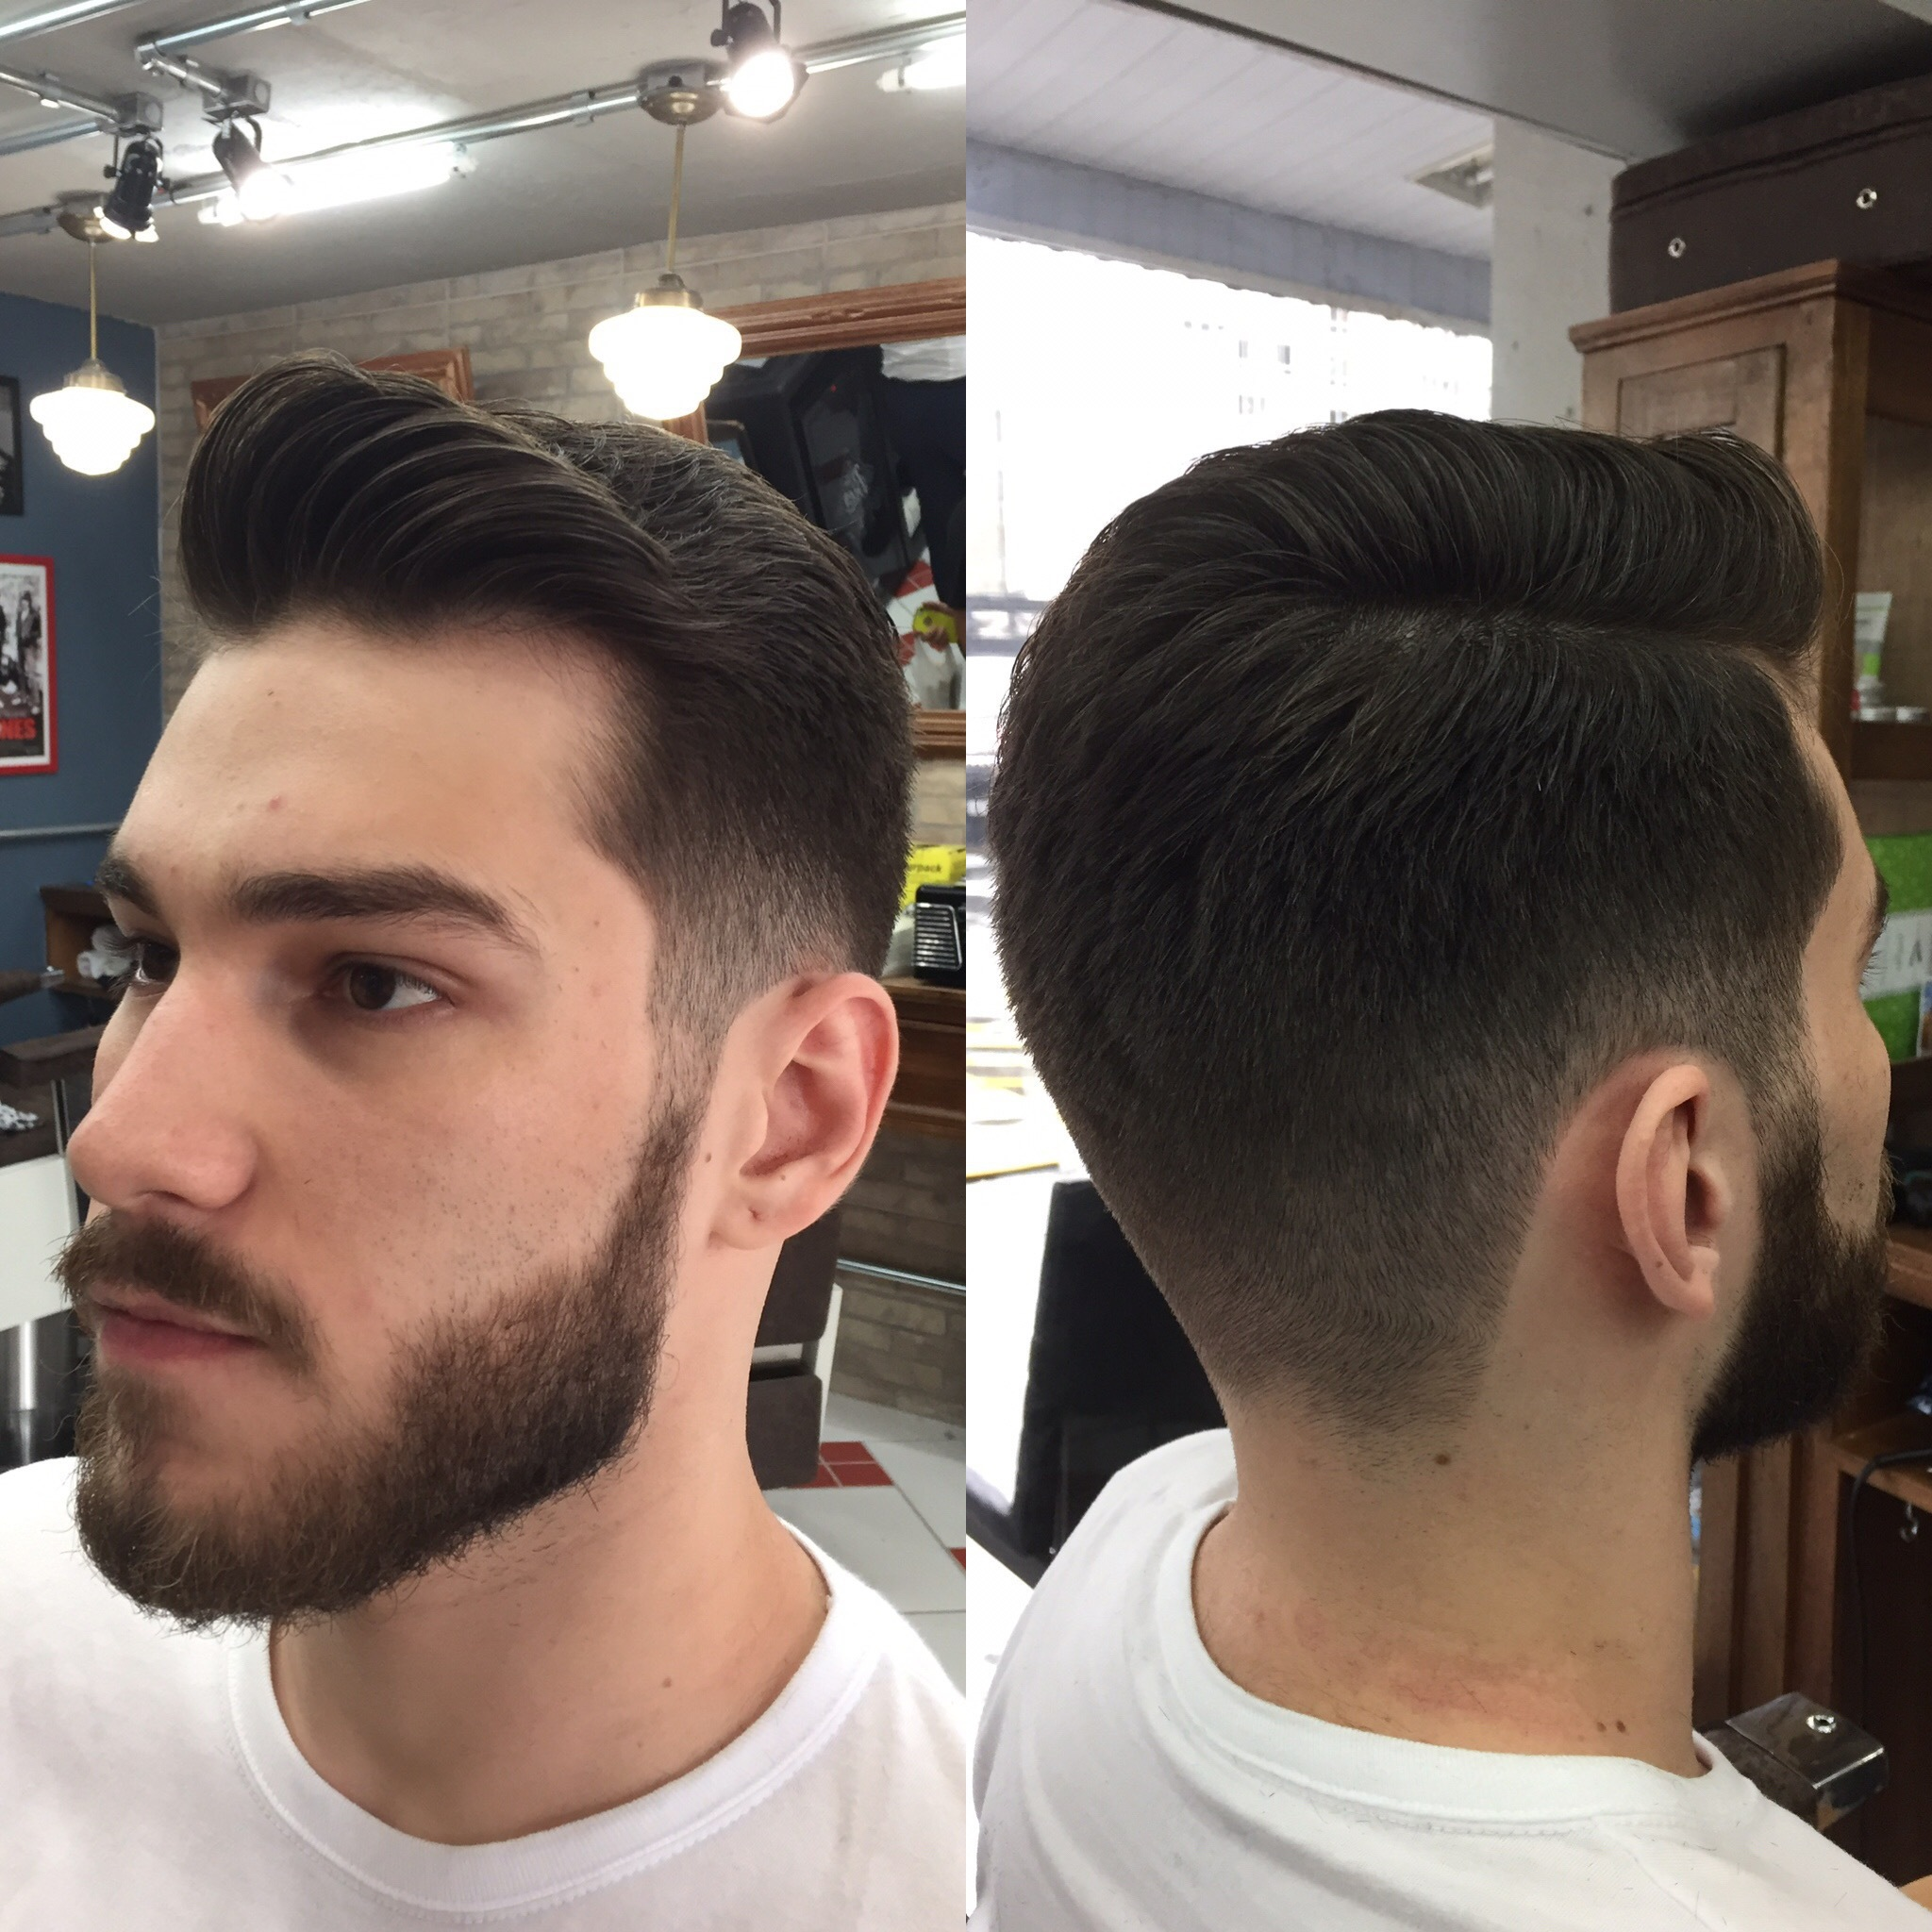 Siga mais no Instagram @rubz.barber cabelo barbeiro(a)